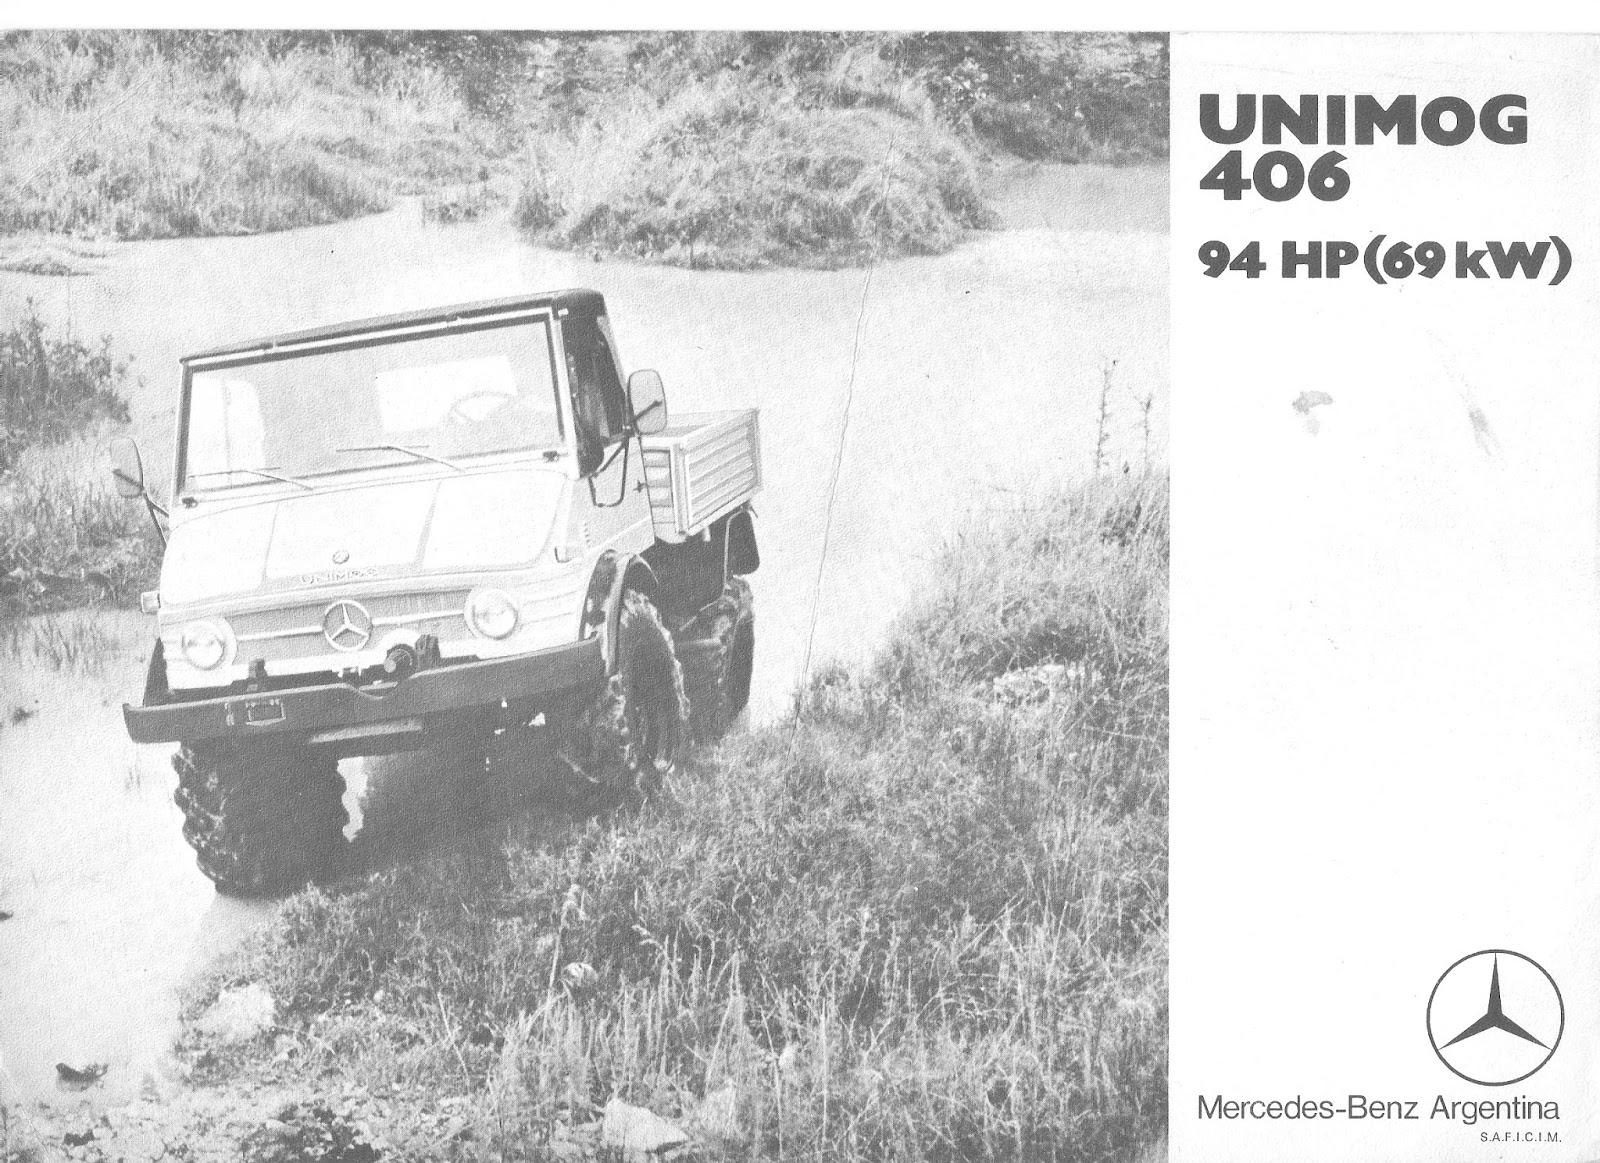 Camión Argentino: Mercedes Benz Unimog U406.